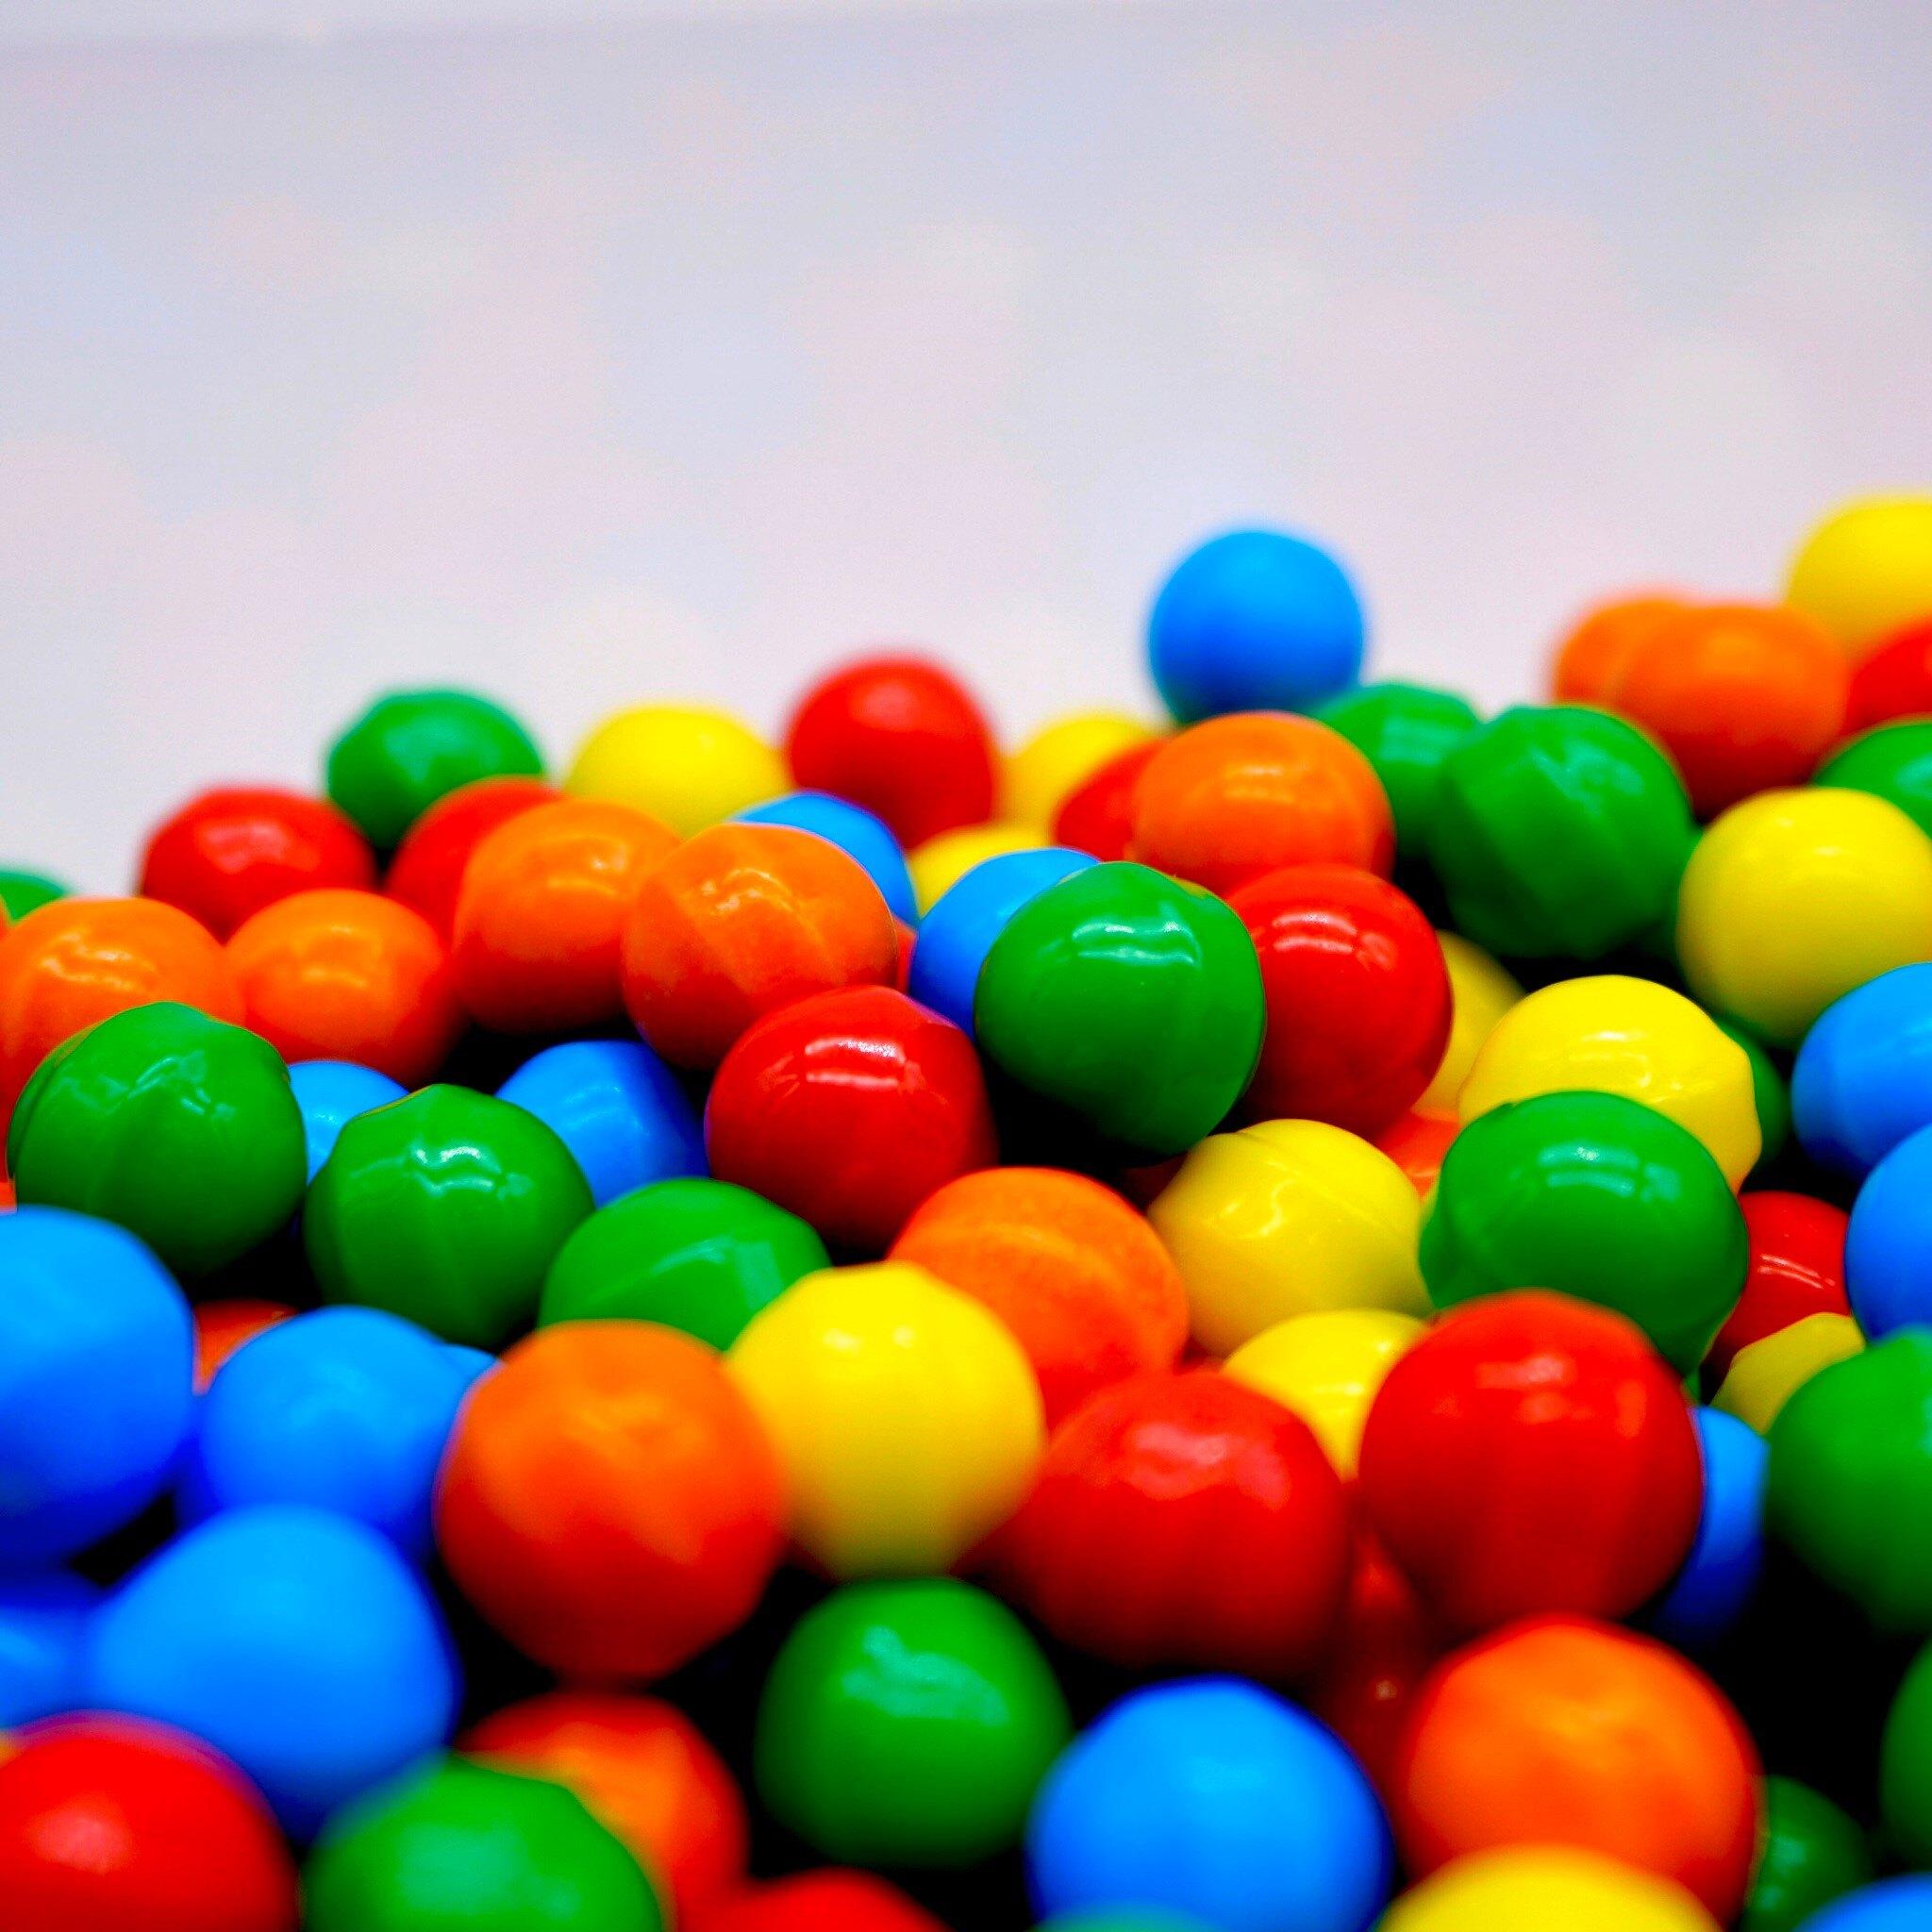 嘴甜甜 繽紛球 200公克 水果糖系列 水果口味 水果糖球 甜點裝飾 水果口味 水果百匯 水果糖 加拿大 糖果 婚宴布置 現貨